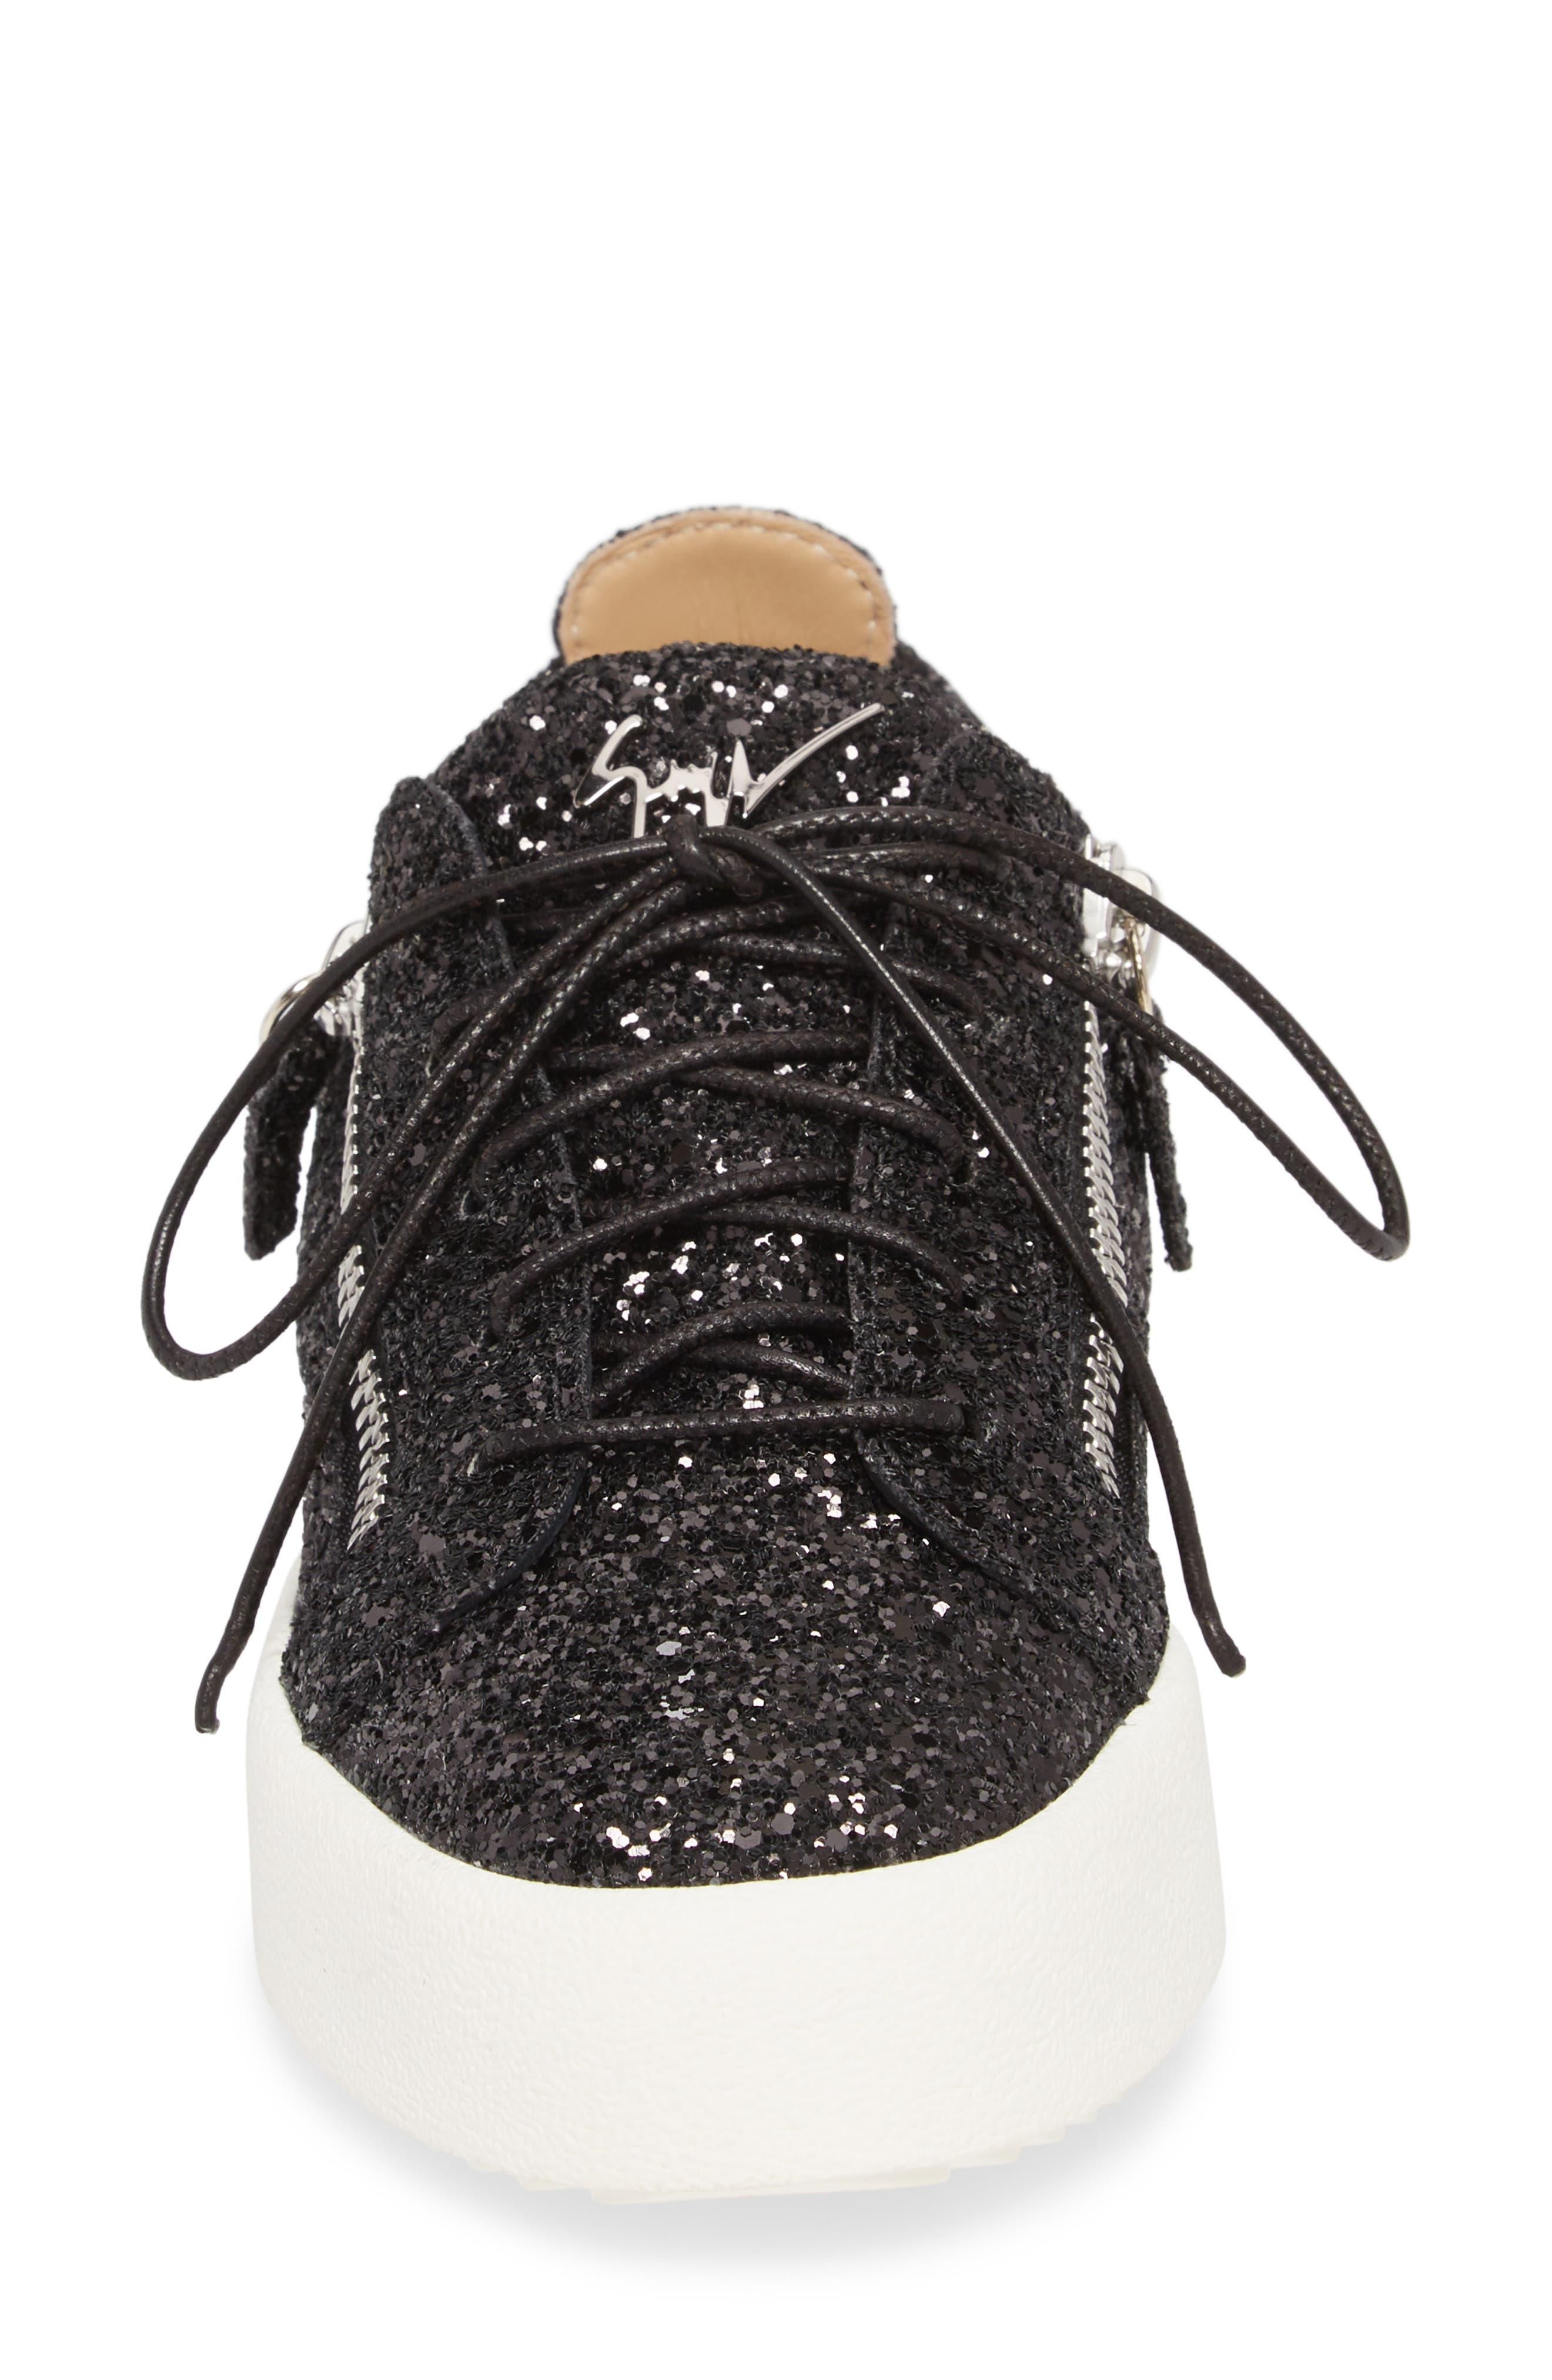 May London Low Top Sneaker,                             Alternate thumbnail 4, color,                             BLACK